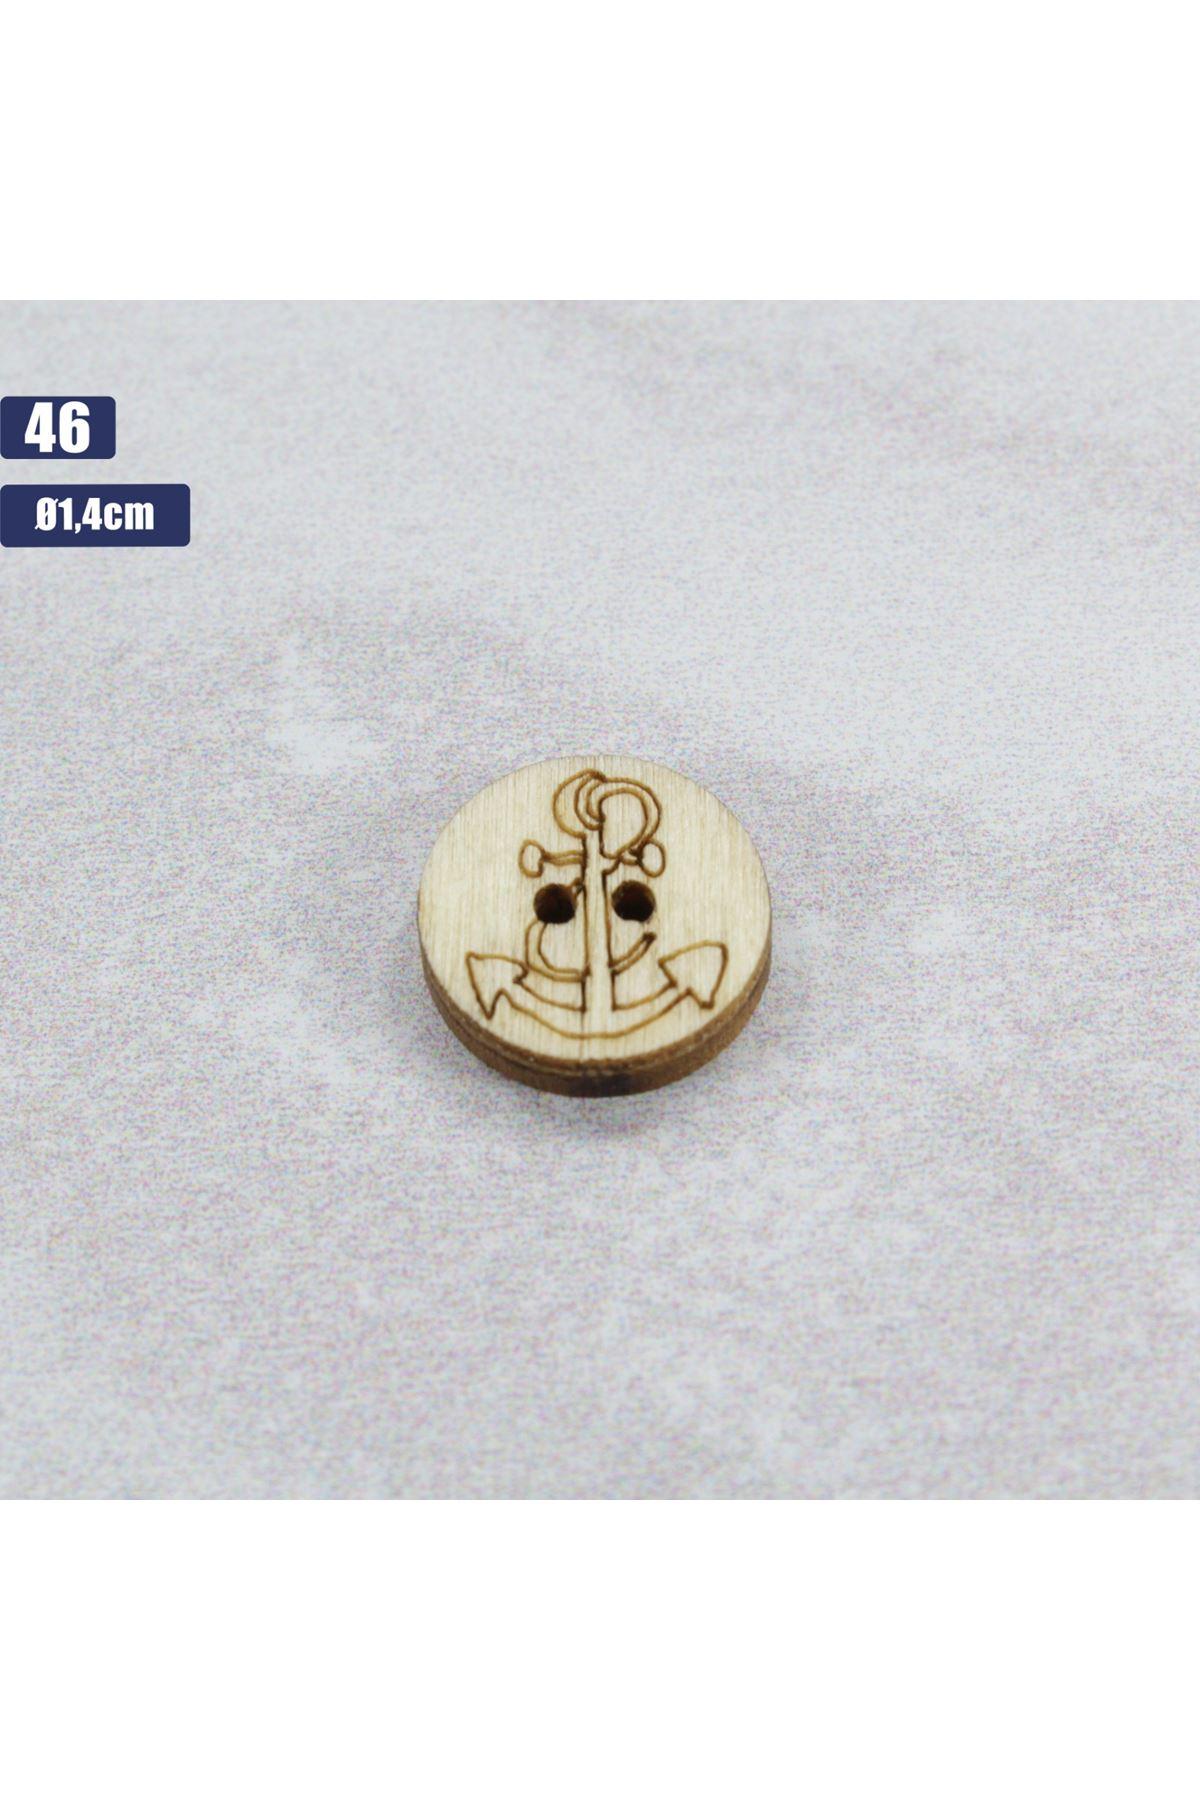 Düğme 1 Adet - 46